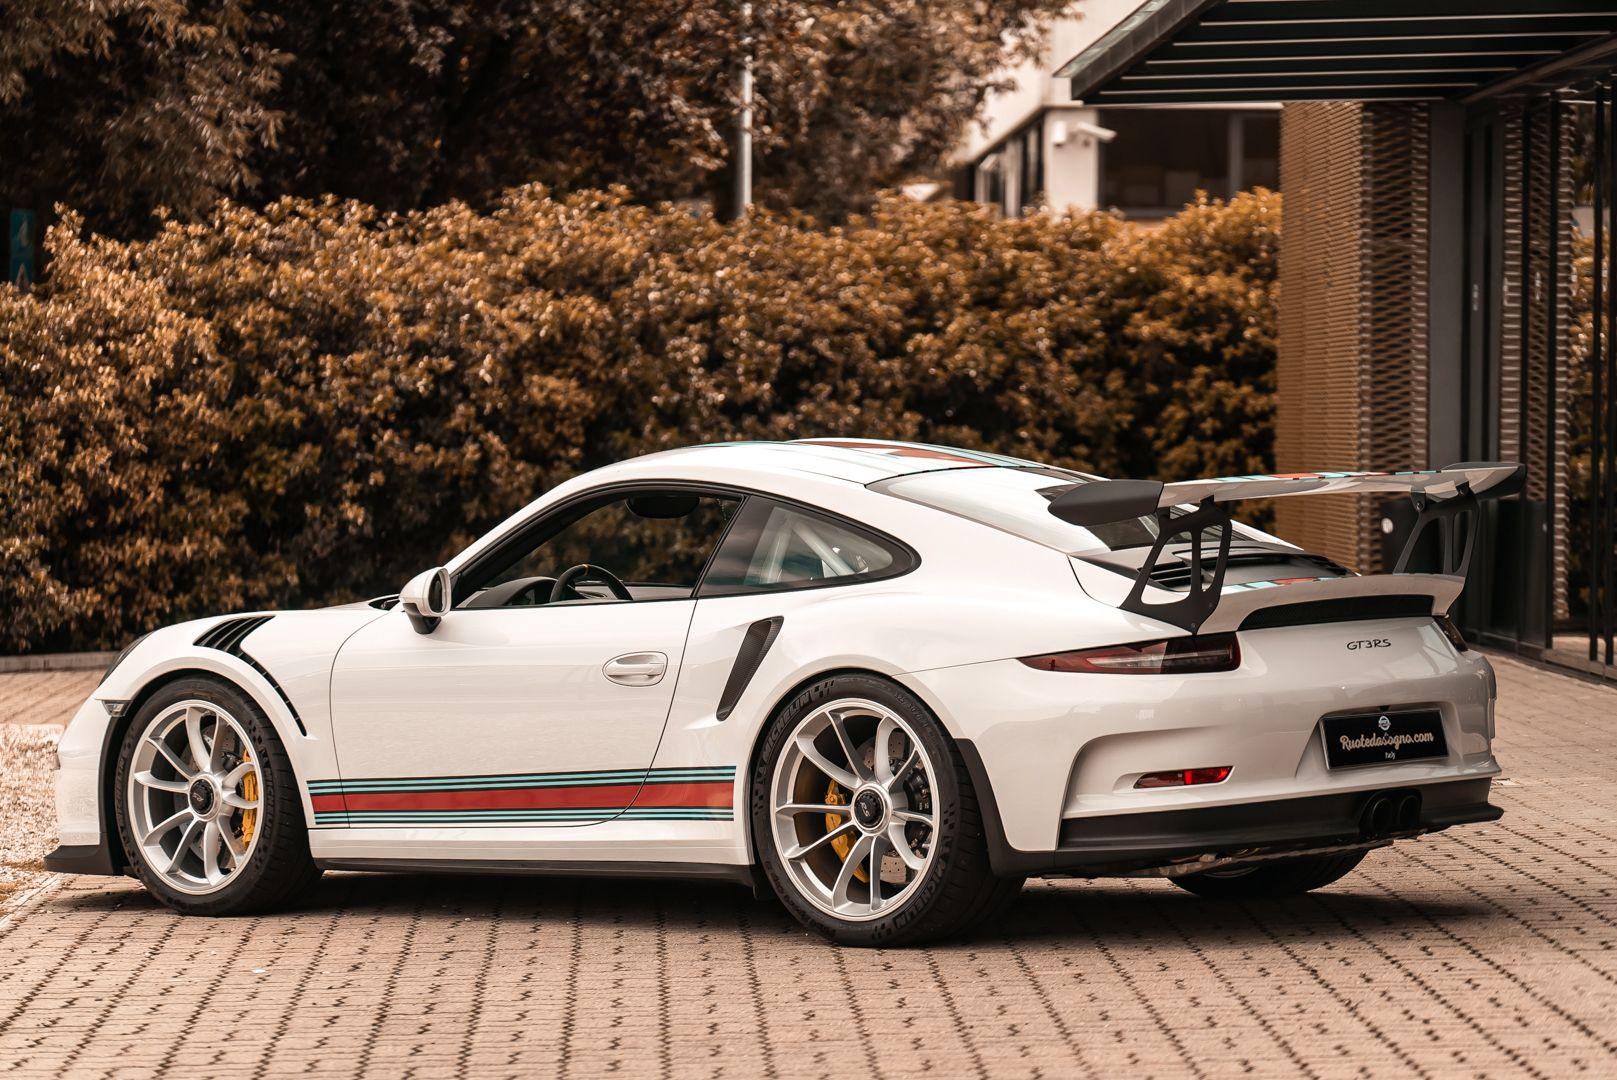 2016 Porsche 911 GT3 RS 78415